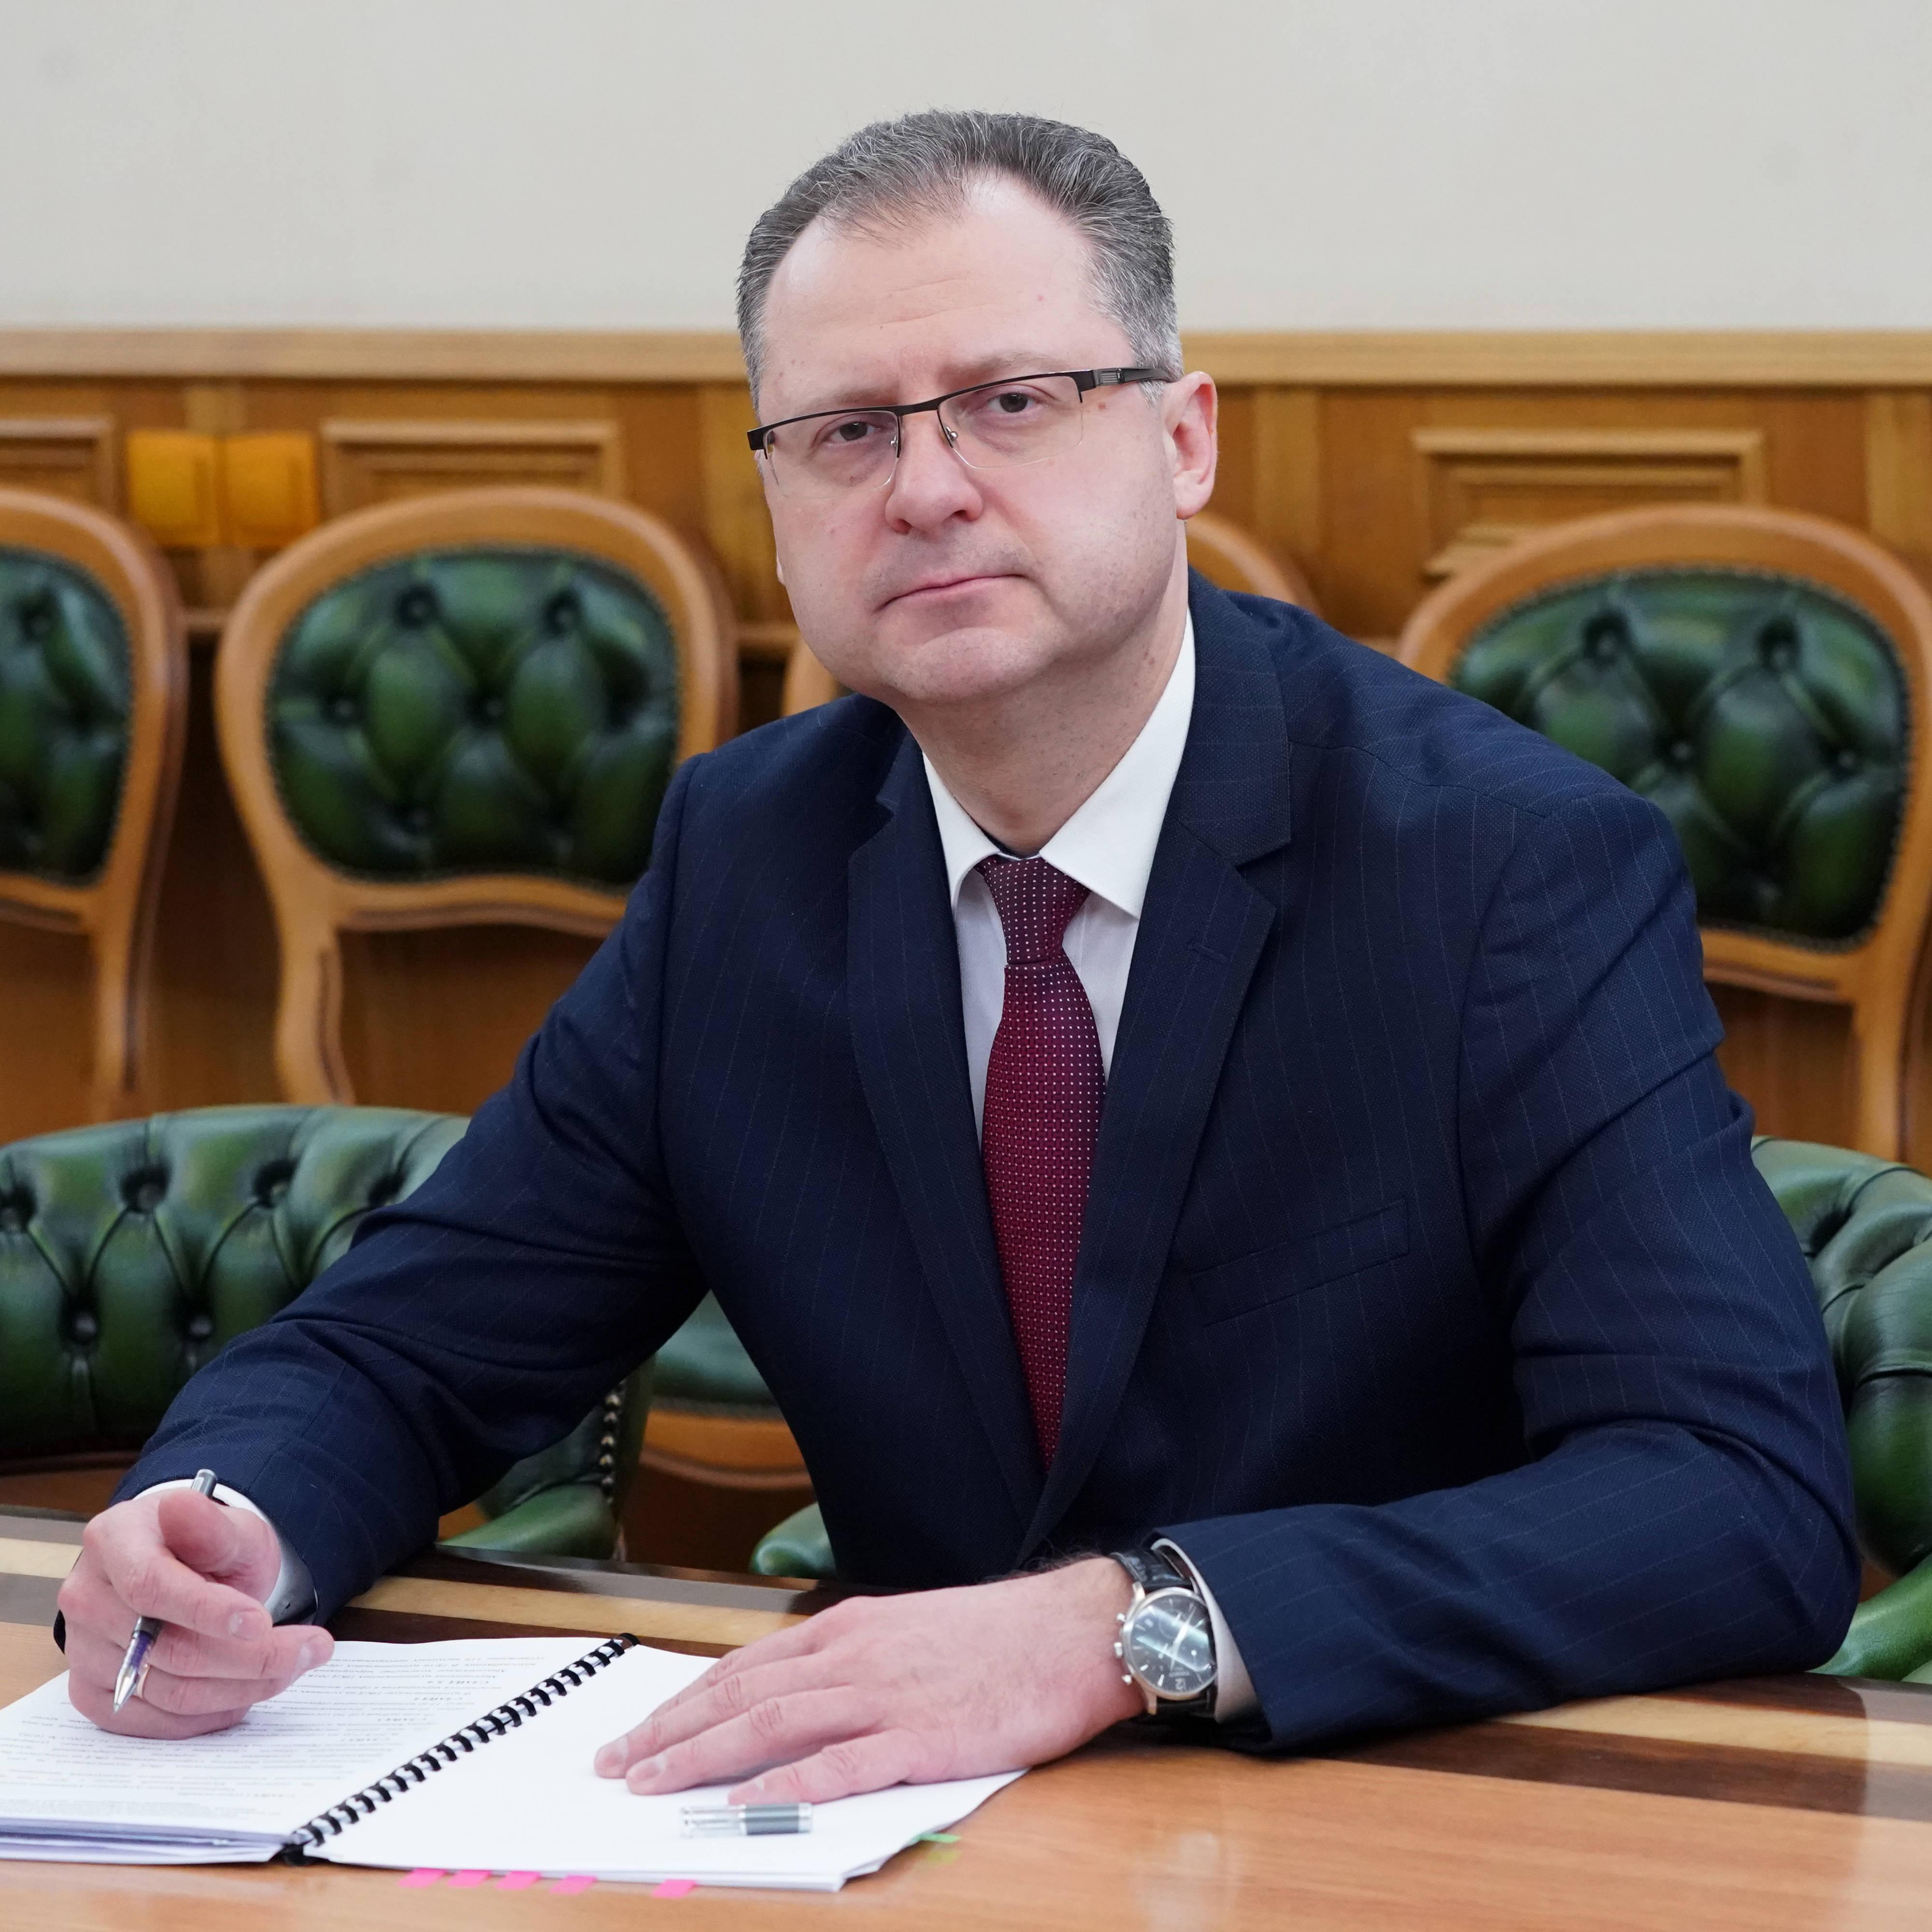 Коломиец Максим Юрьевич